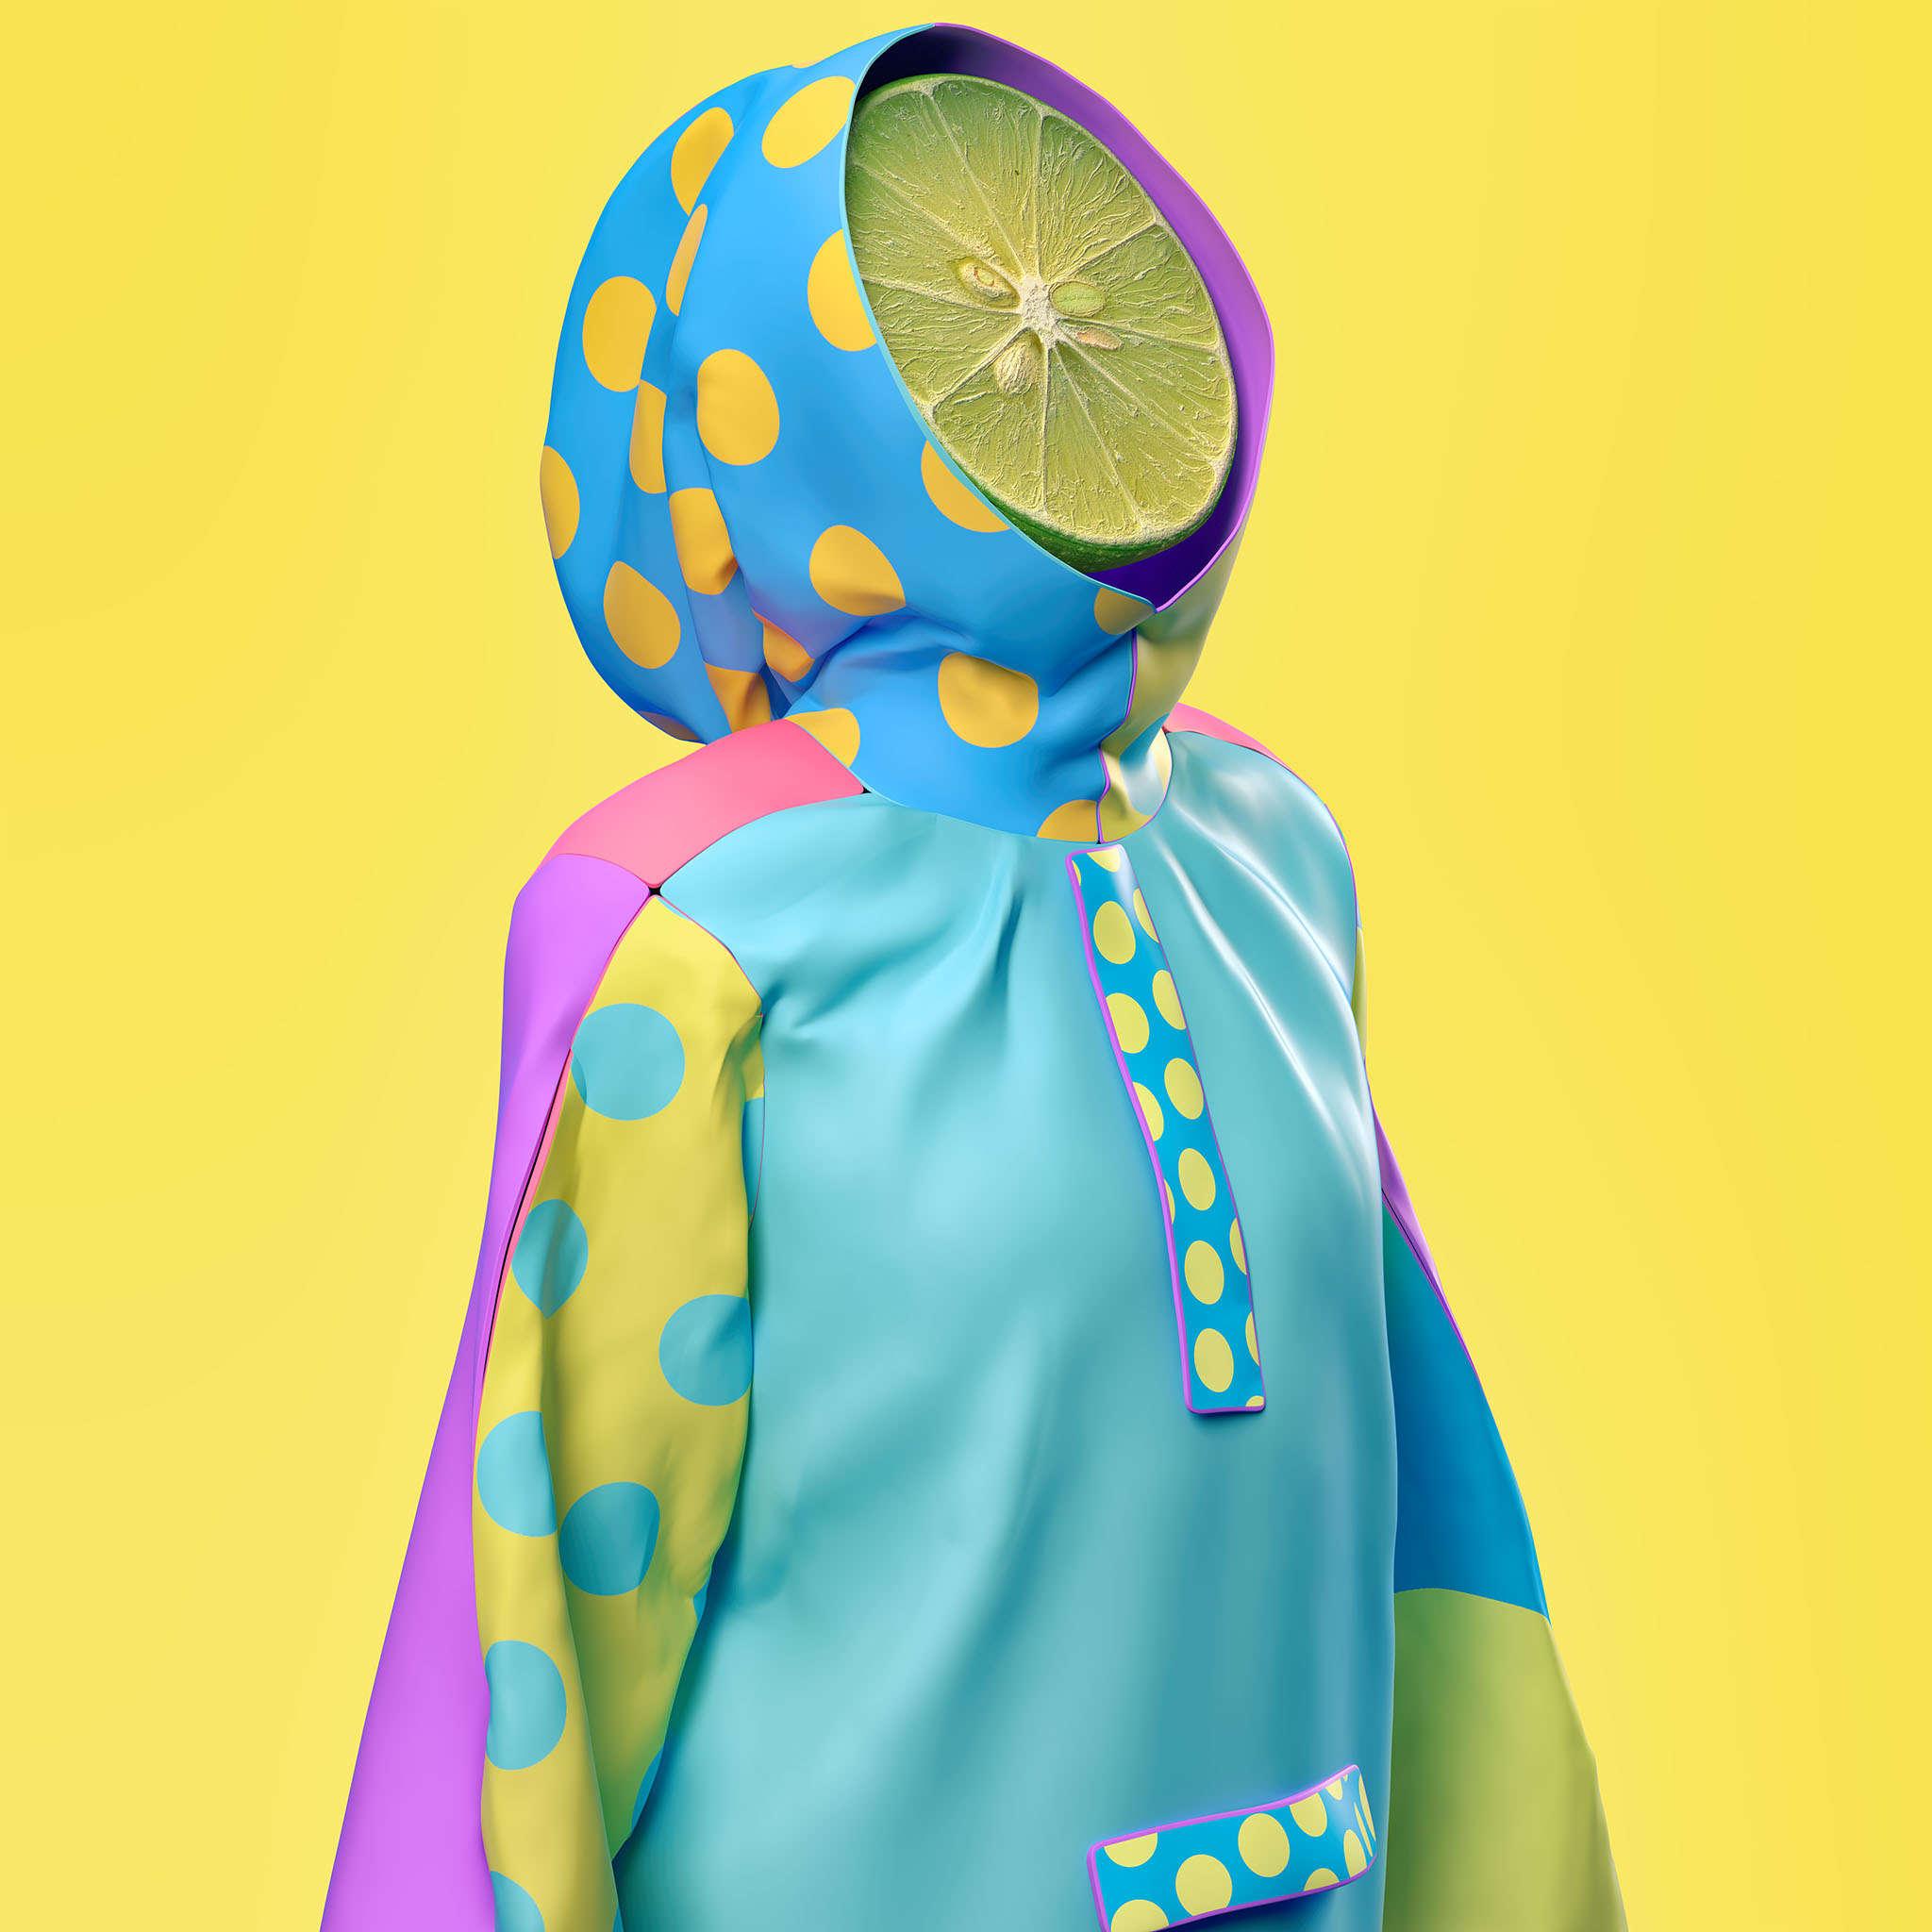 studio de création - japonais - français - paris - motion designer - sato creative -  Kota Yamaji